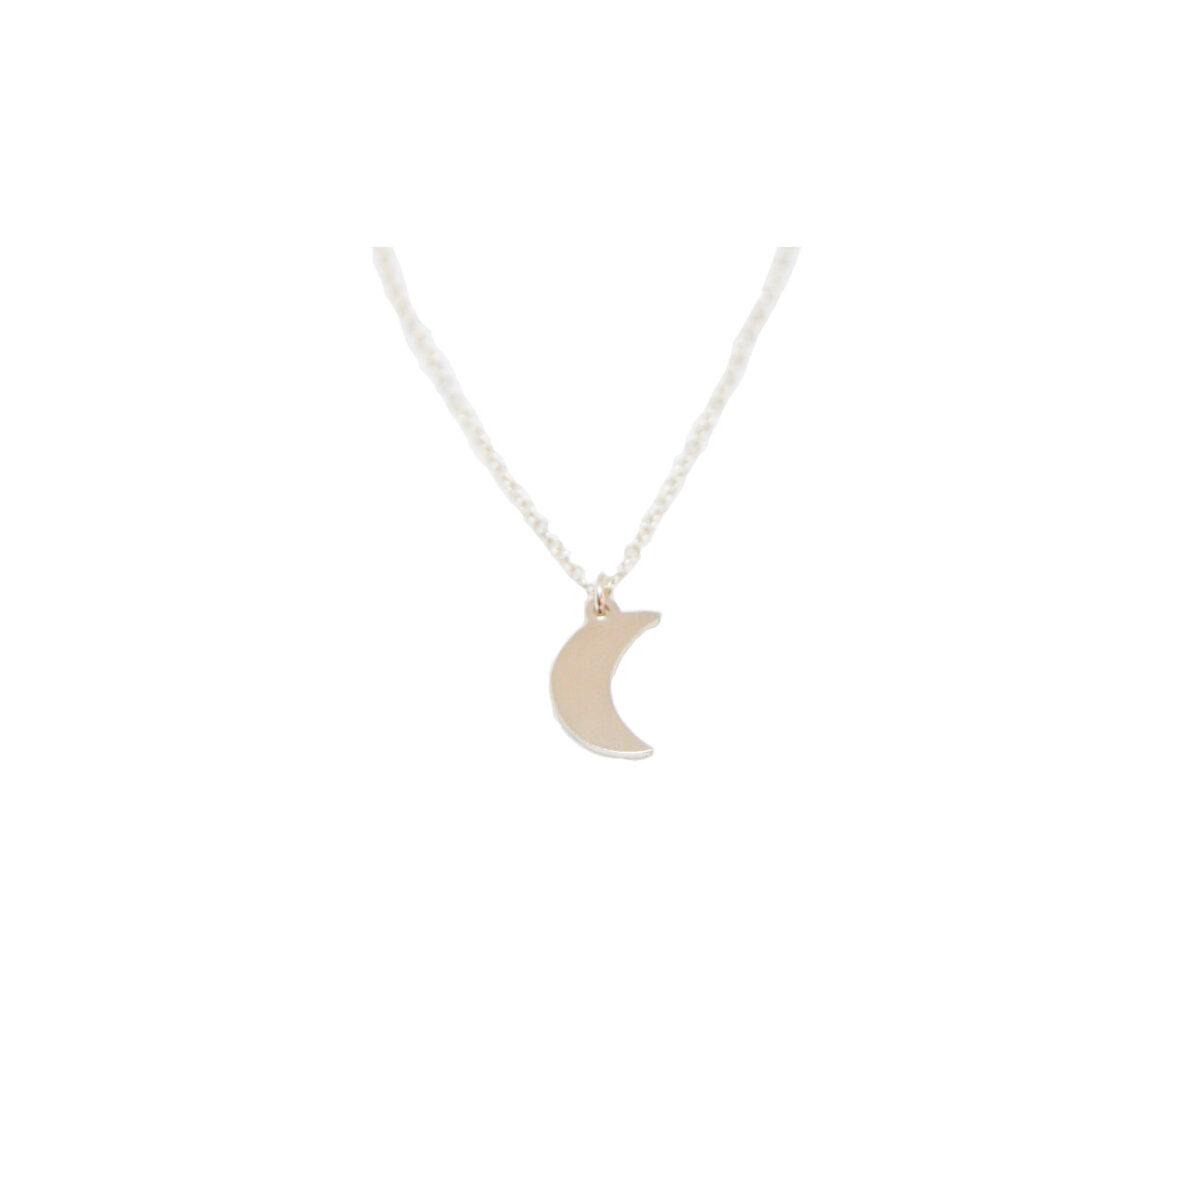 La Luna II silver necklace